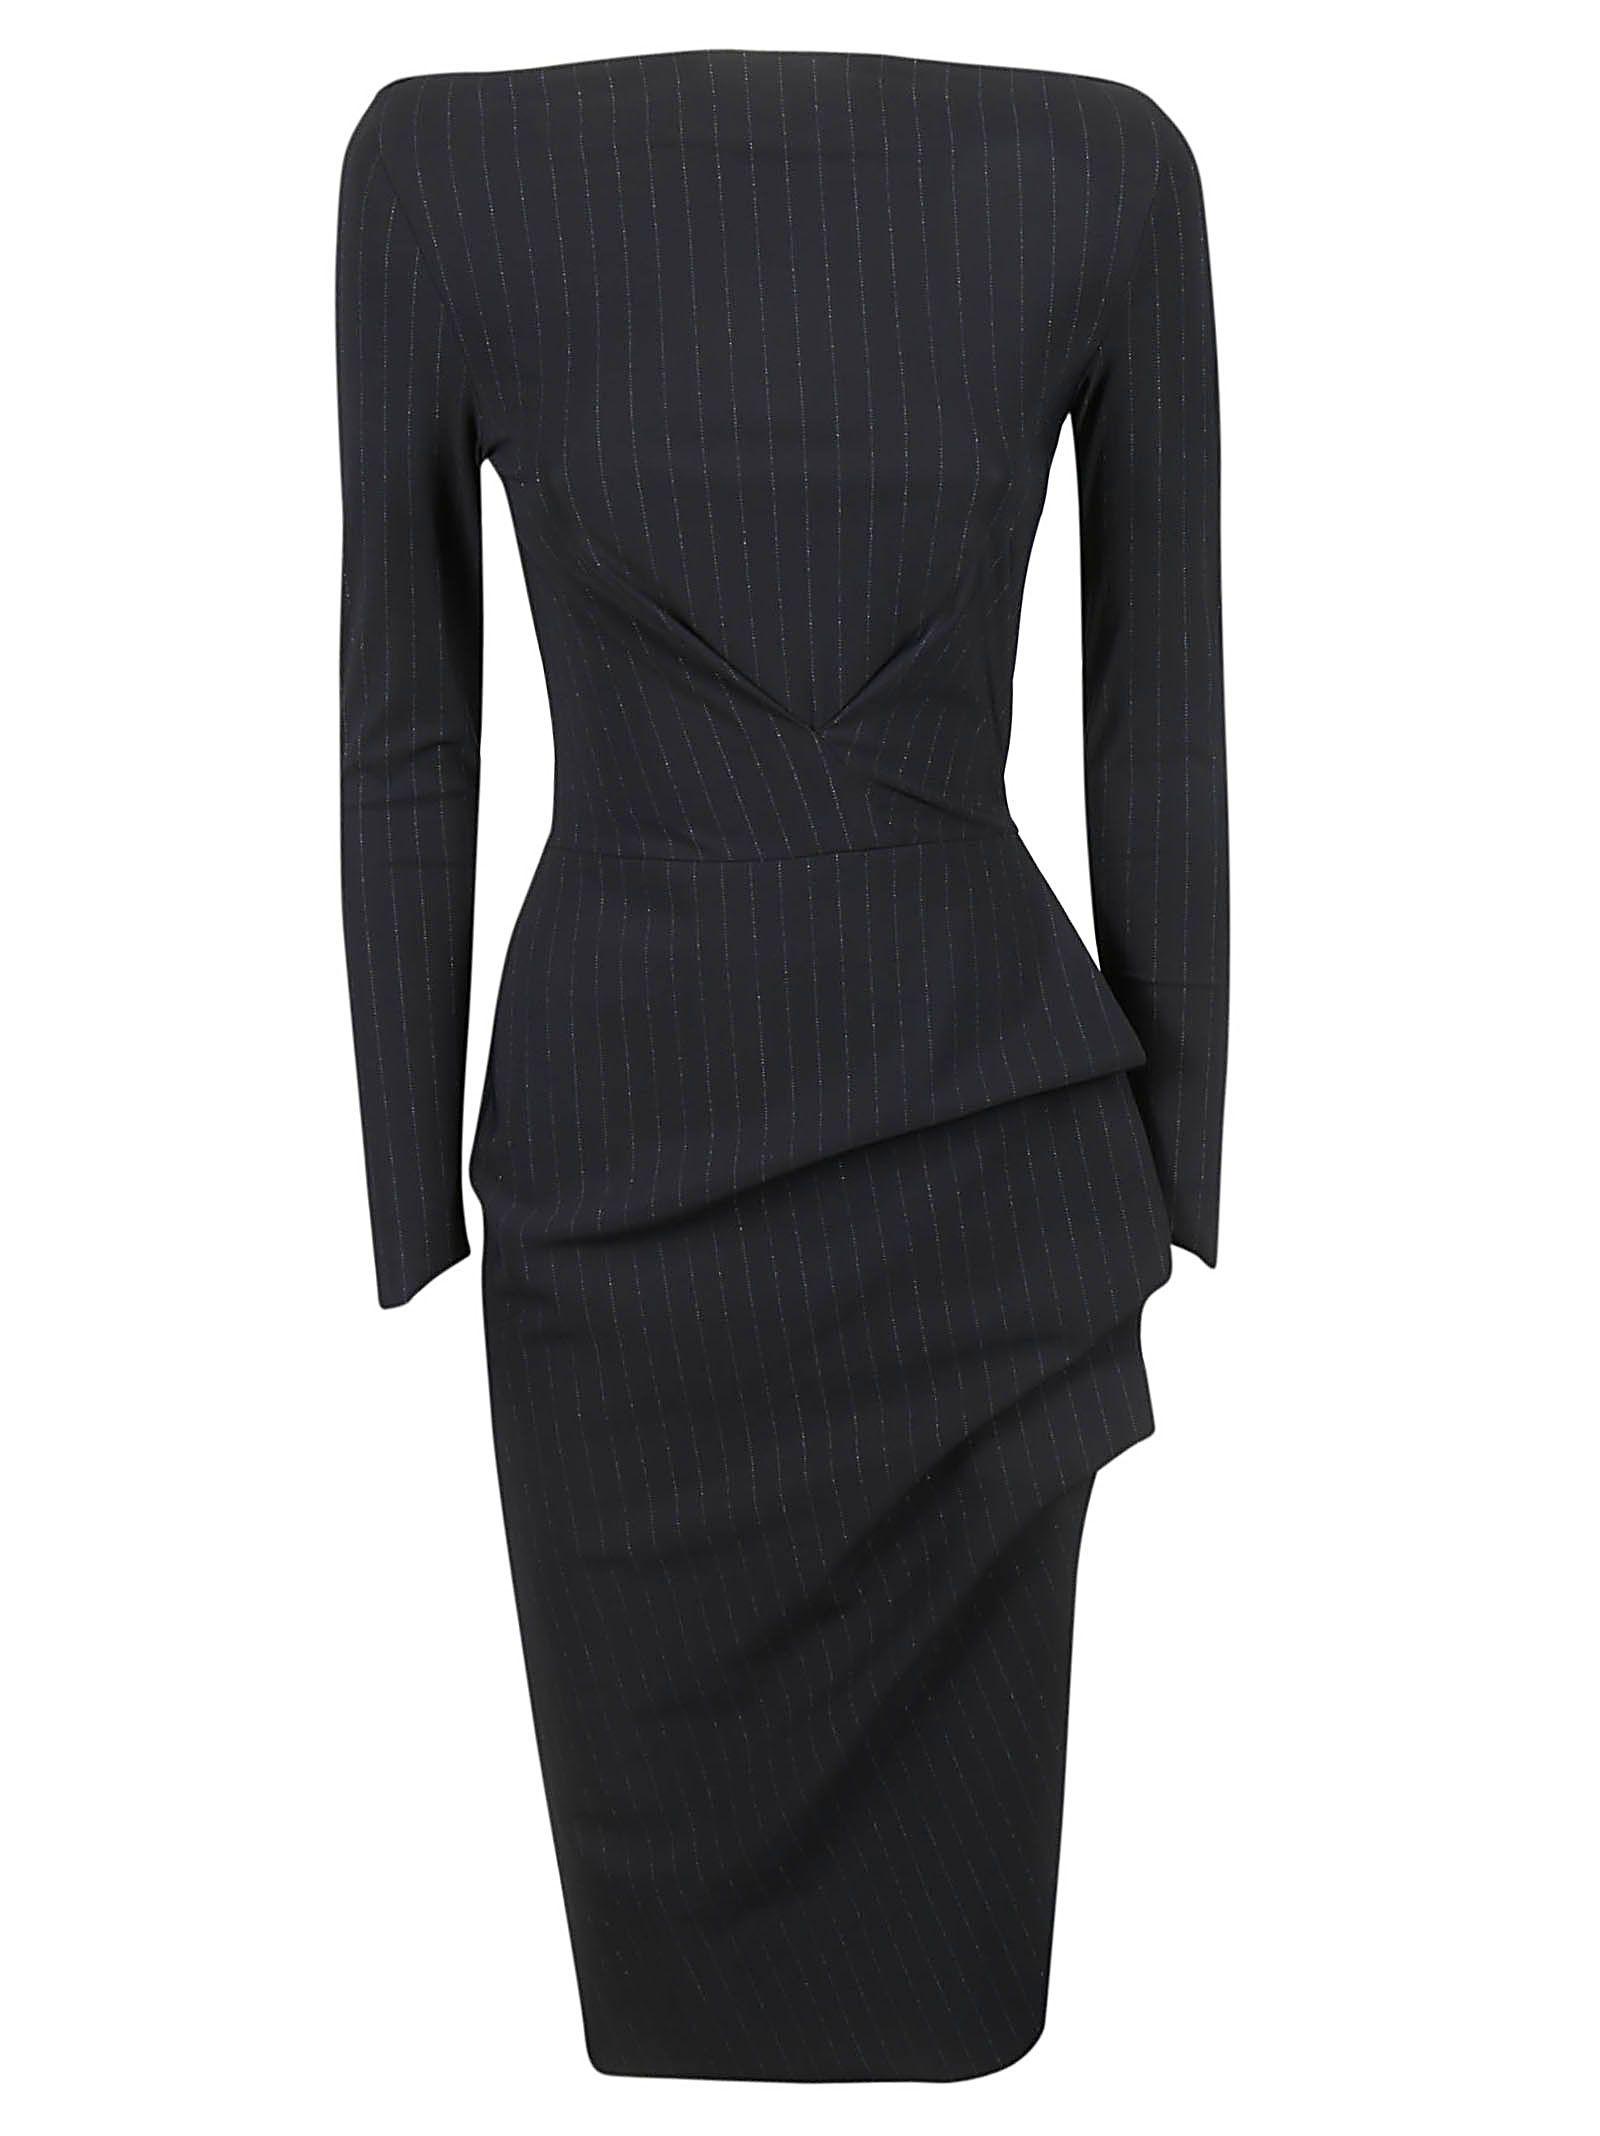 LA PETIT ROBE DI CHIARA BONI Cassandre Dress in Black